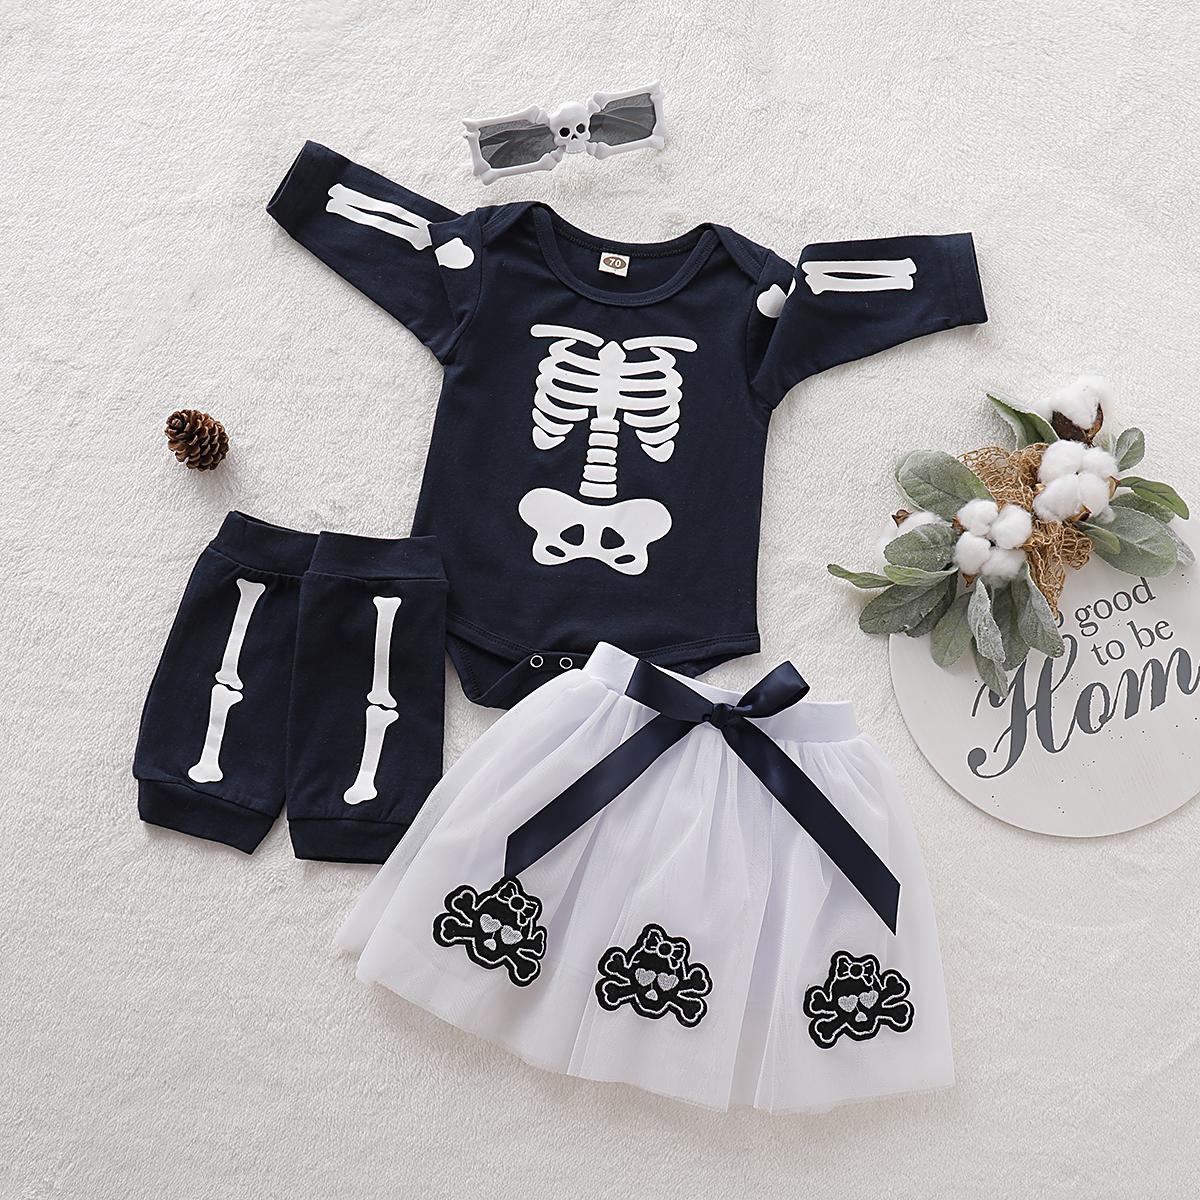 4-teiliges Baby-Mädchen Halloween-Stil Skelett-Print-Langarm-Top, Sonnenbrillen , Stulpen und Rock Set